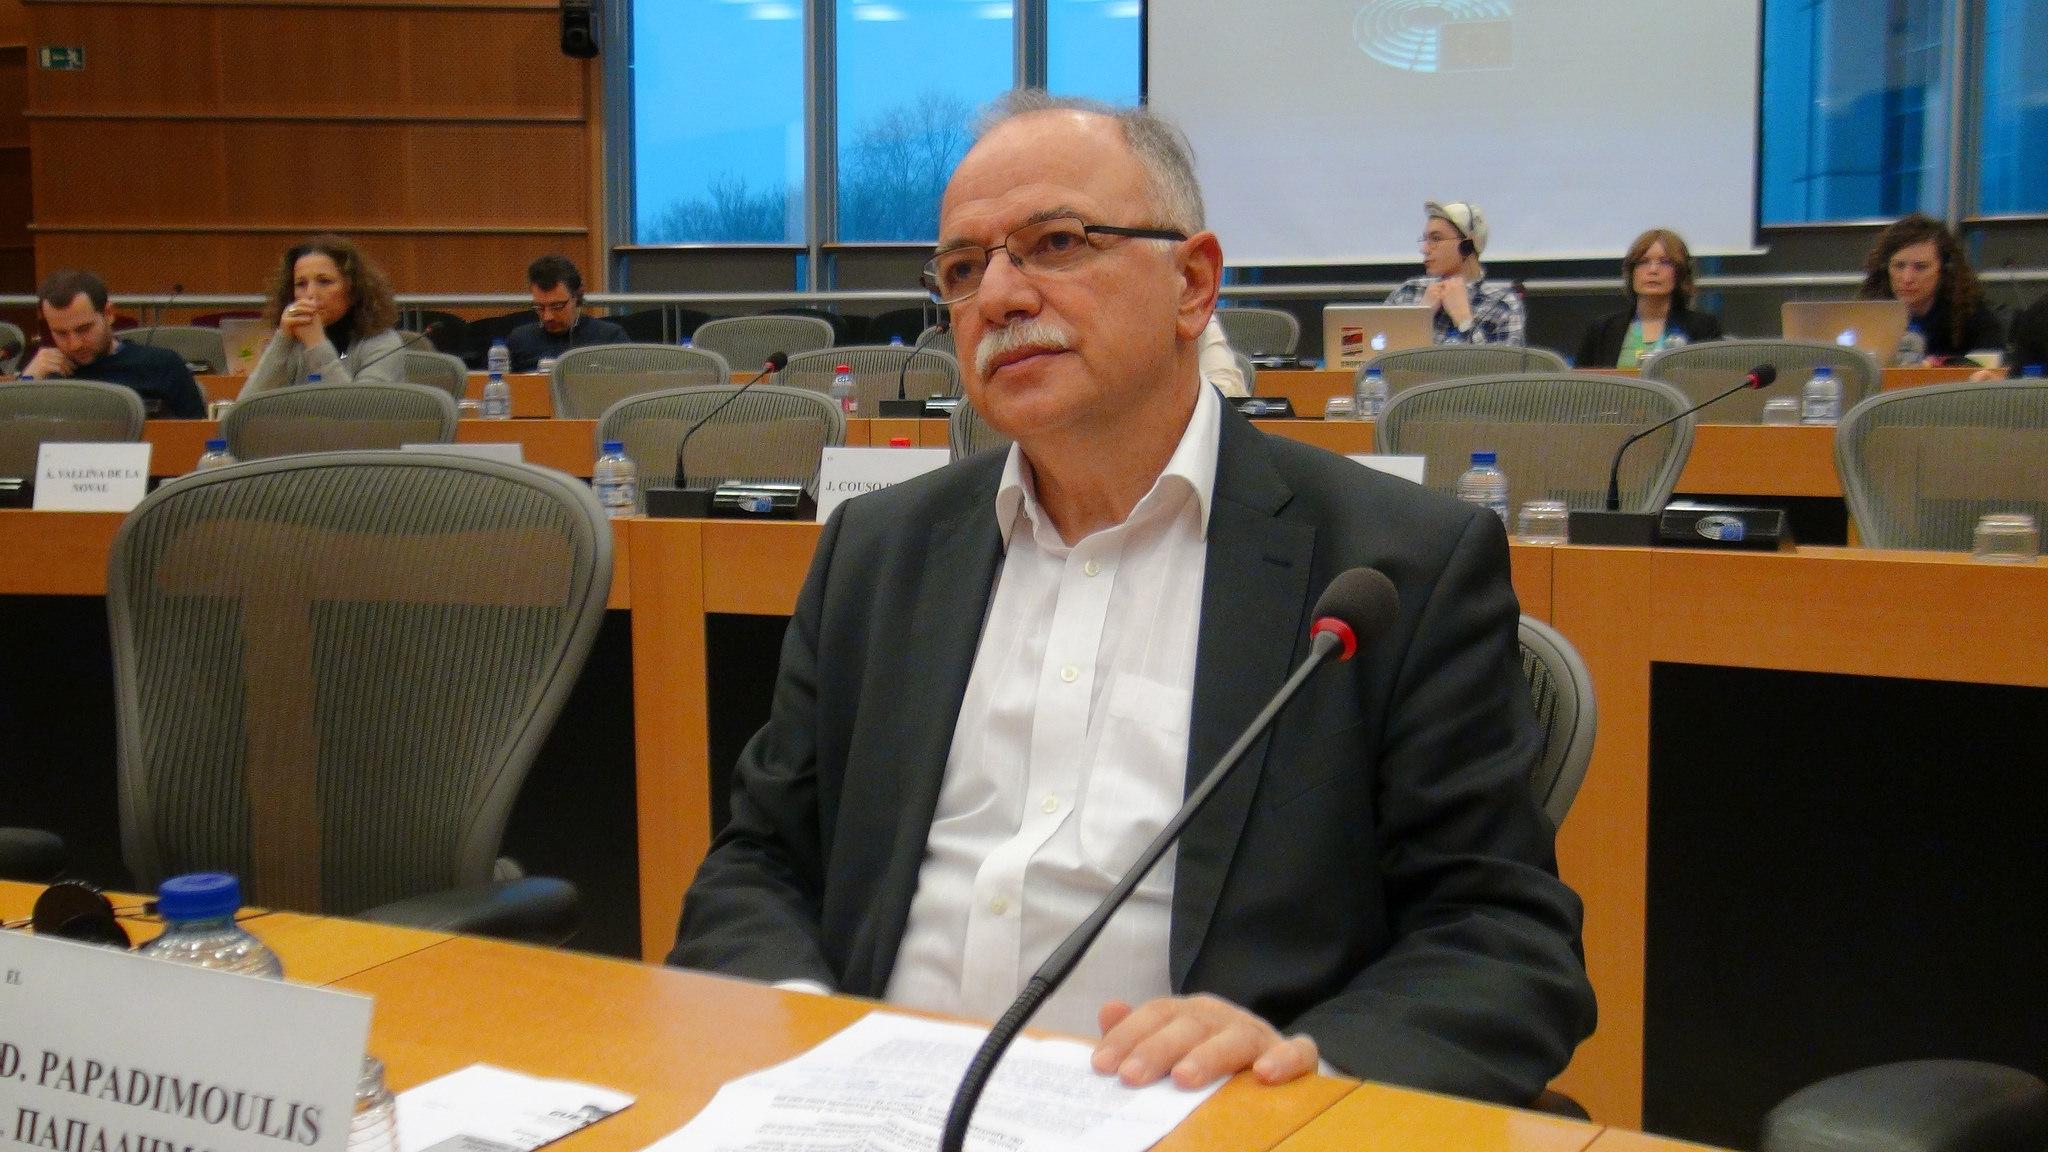 Ερώτηση του Δημ. Παπαδημούλη προς την Κομισιόν για τη διεθνή προστασία των προϊόντων Προστατευόμενης Ονομασίας Προέλευσης και Προστατευόμενης Γεωγραφικής Ένδειξης